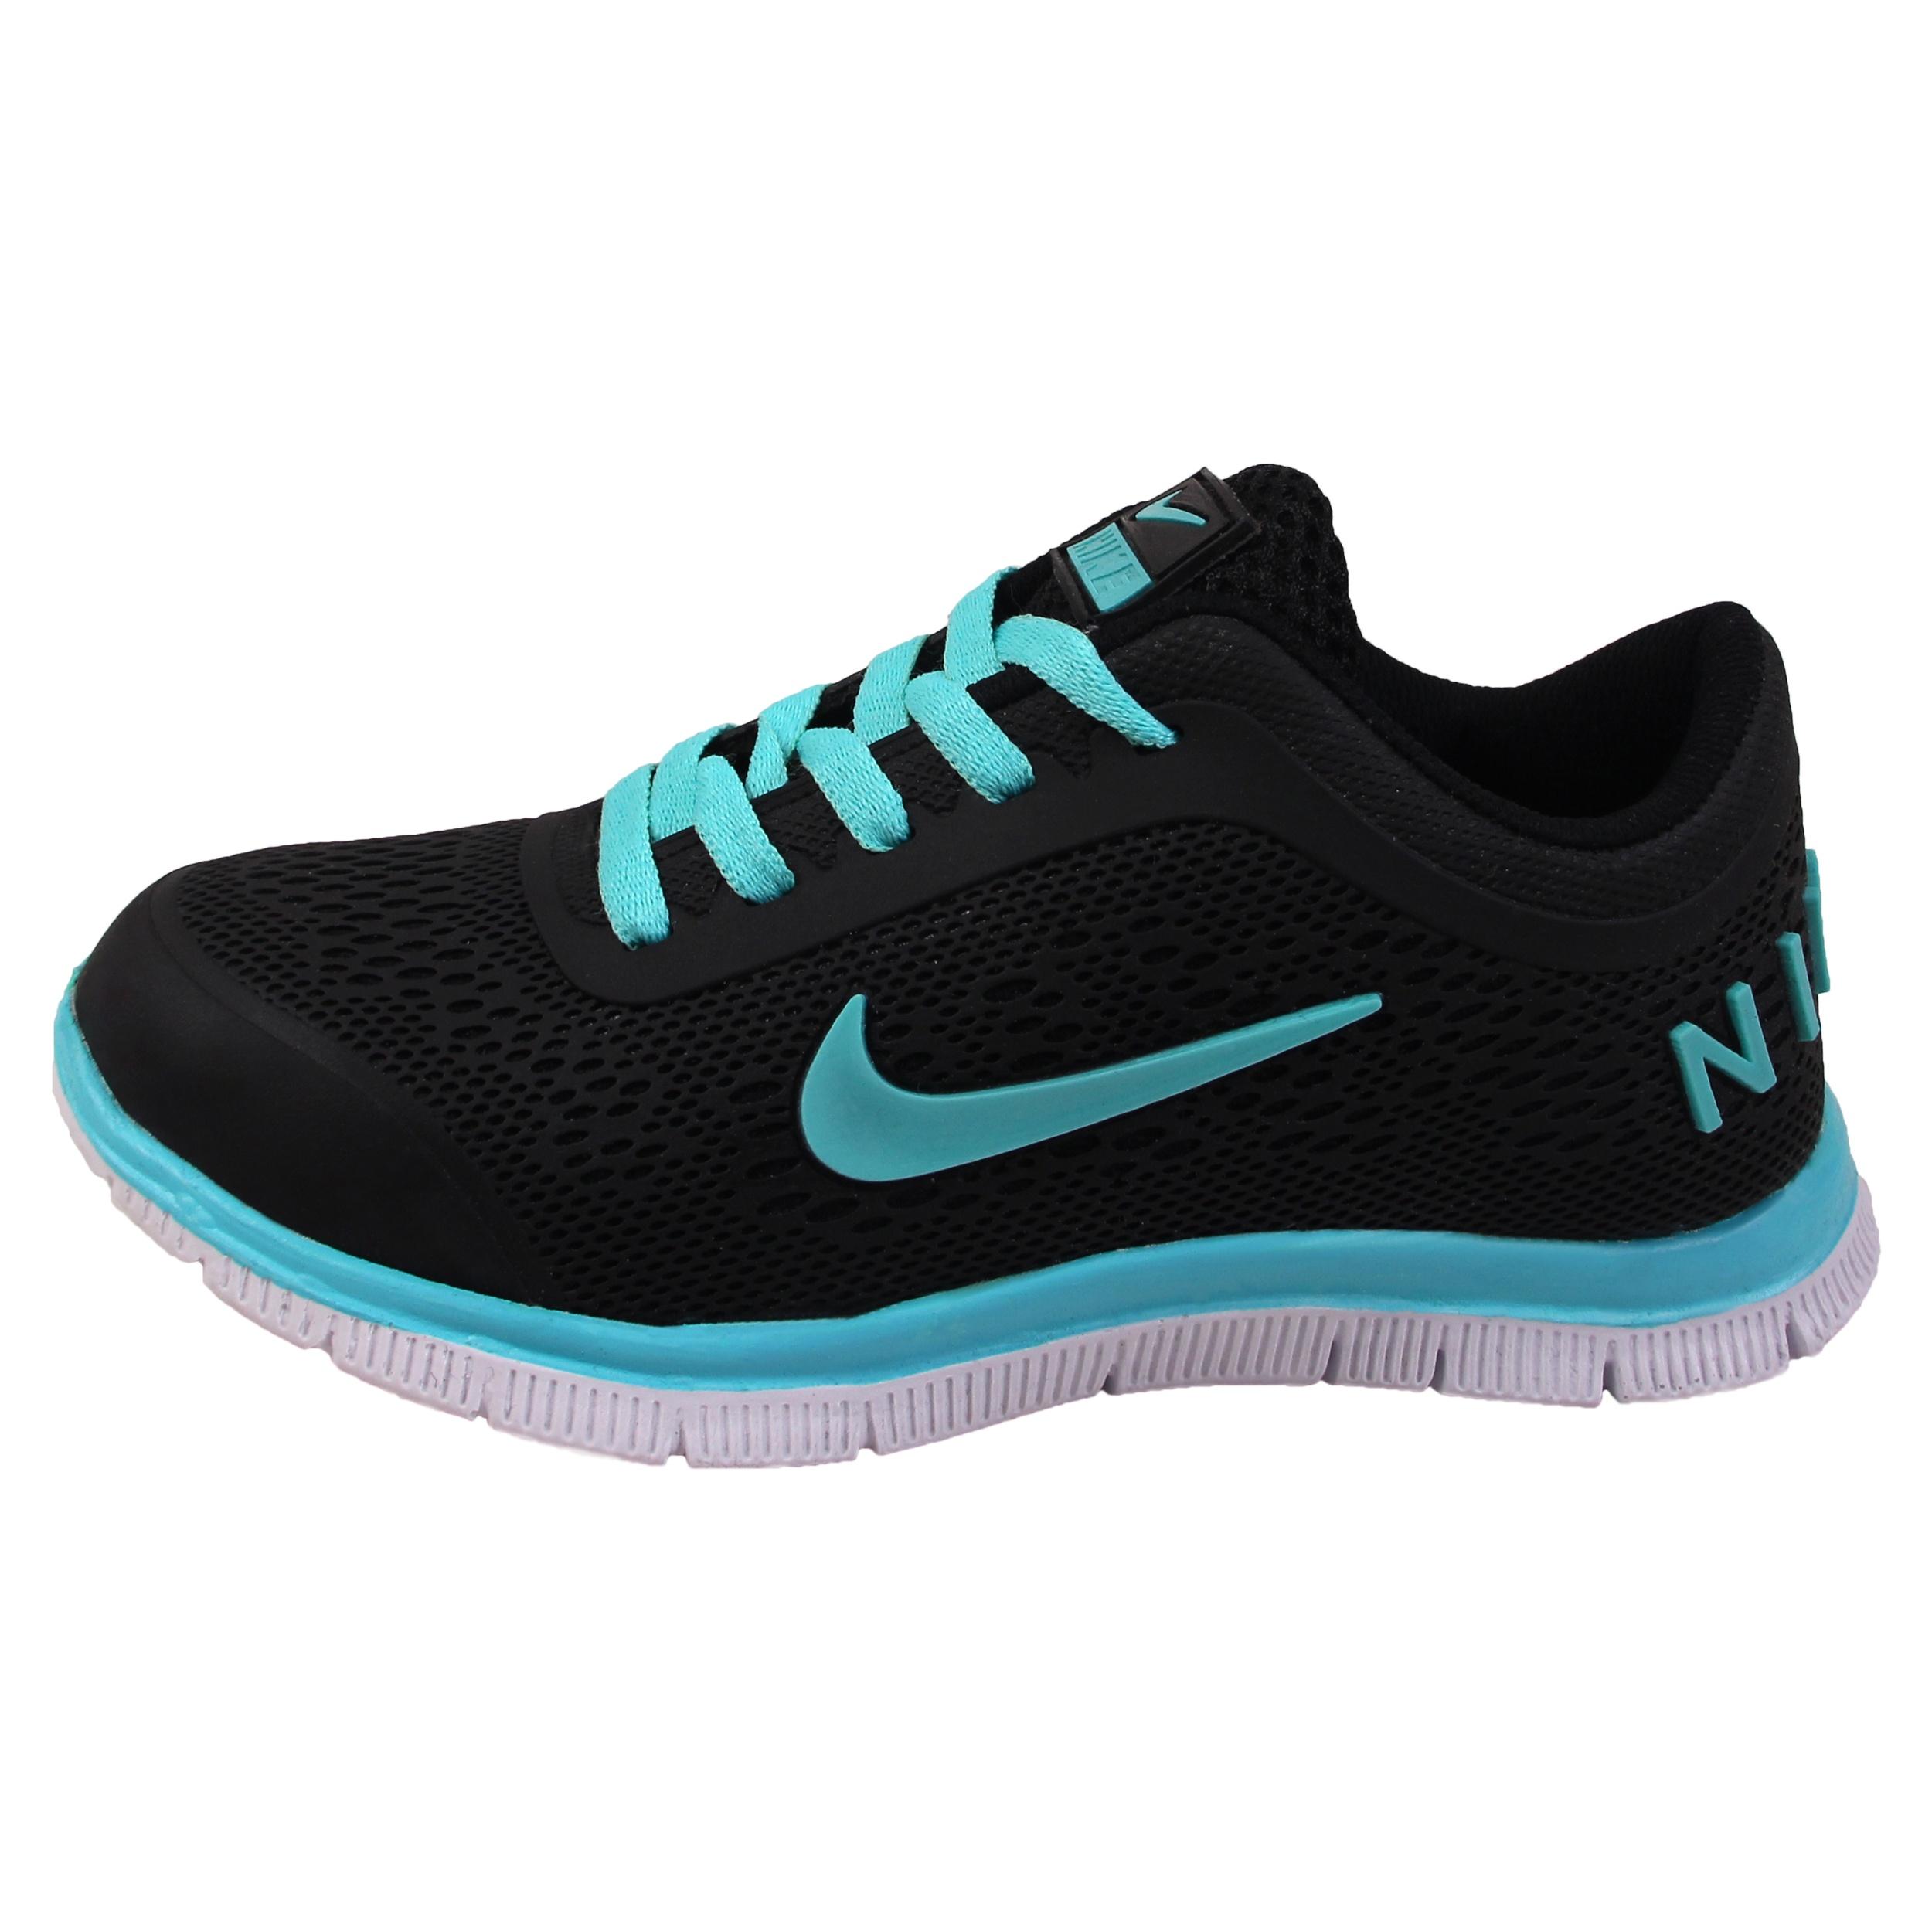 کفش مخصوص پیاده روی زنانه کد 74-39633